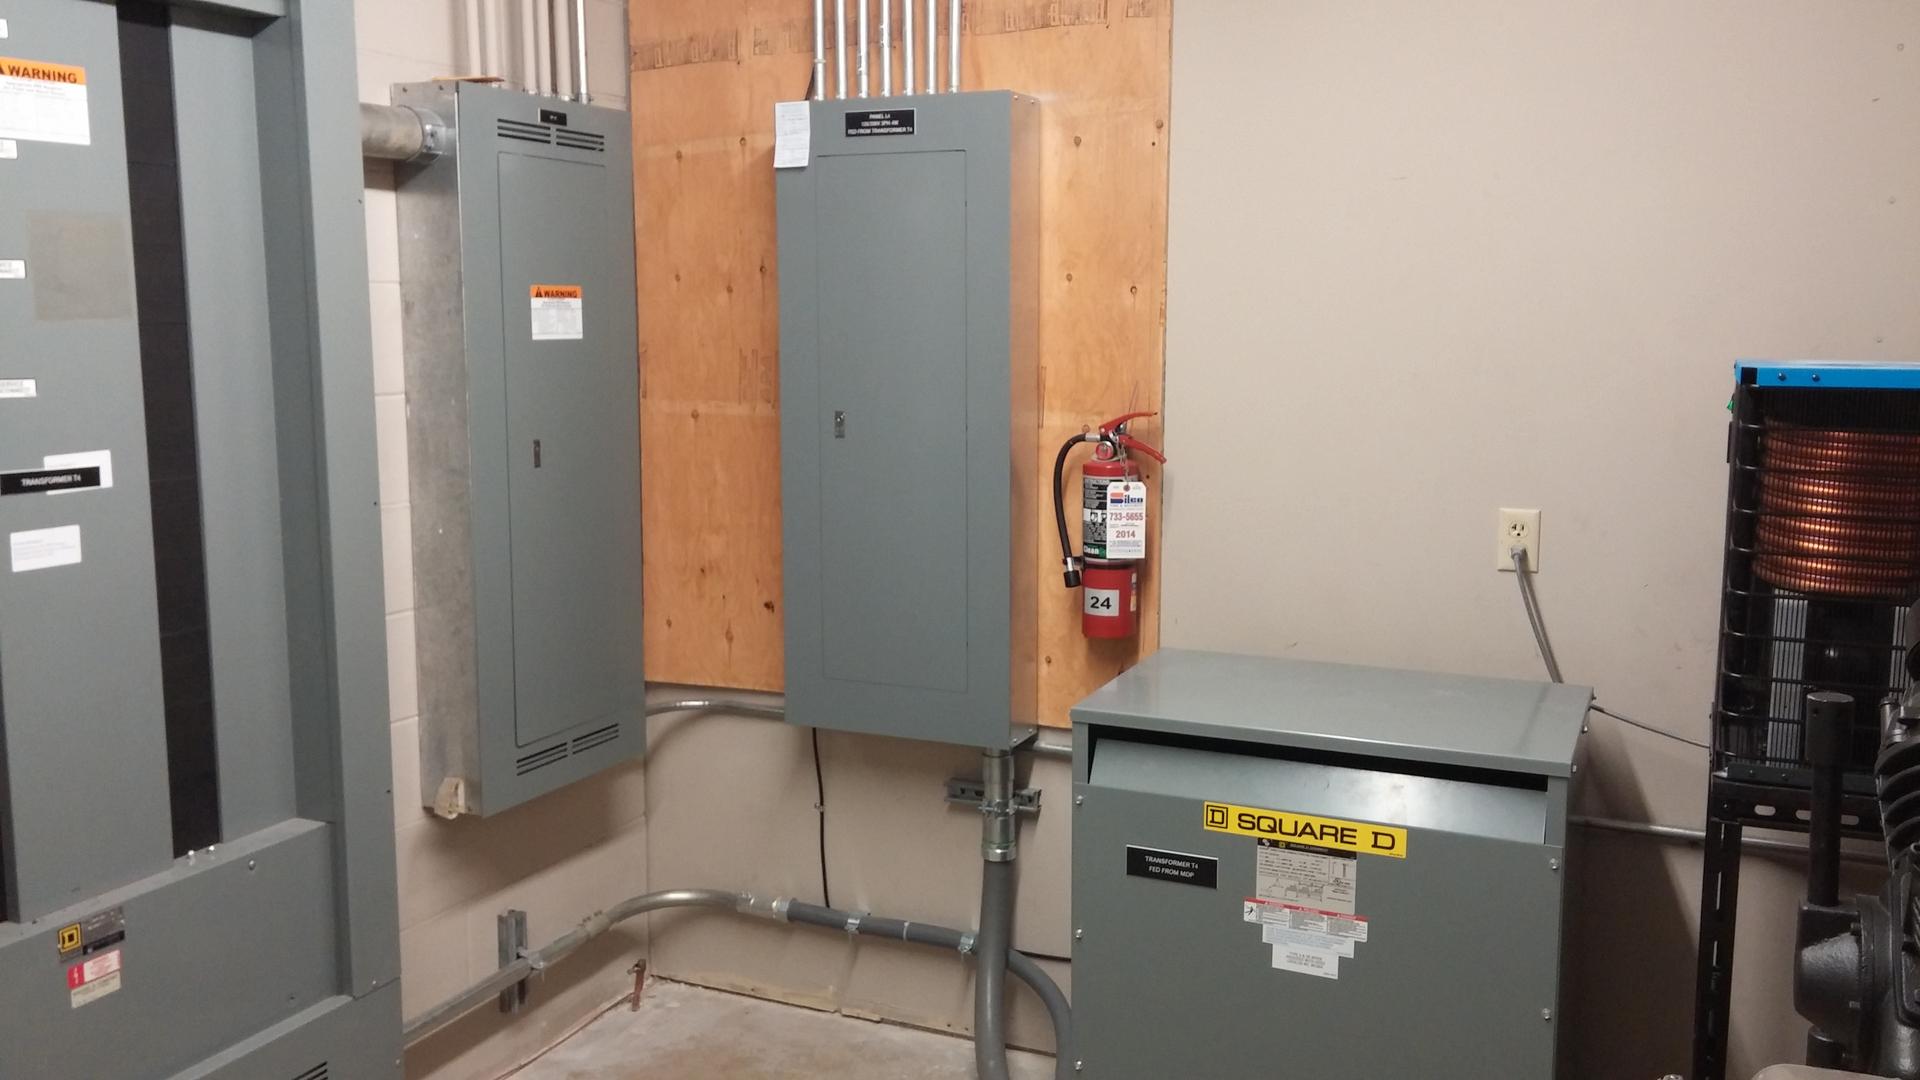 Appliance Repair Cincinnati Oh Electrical Repair For Cincinnati Oh